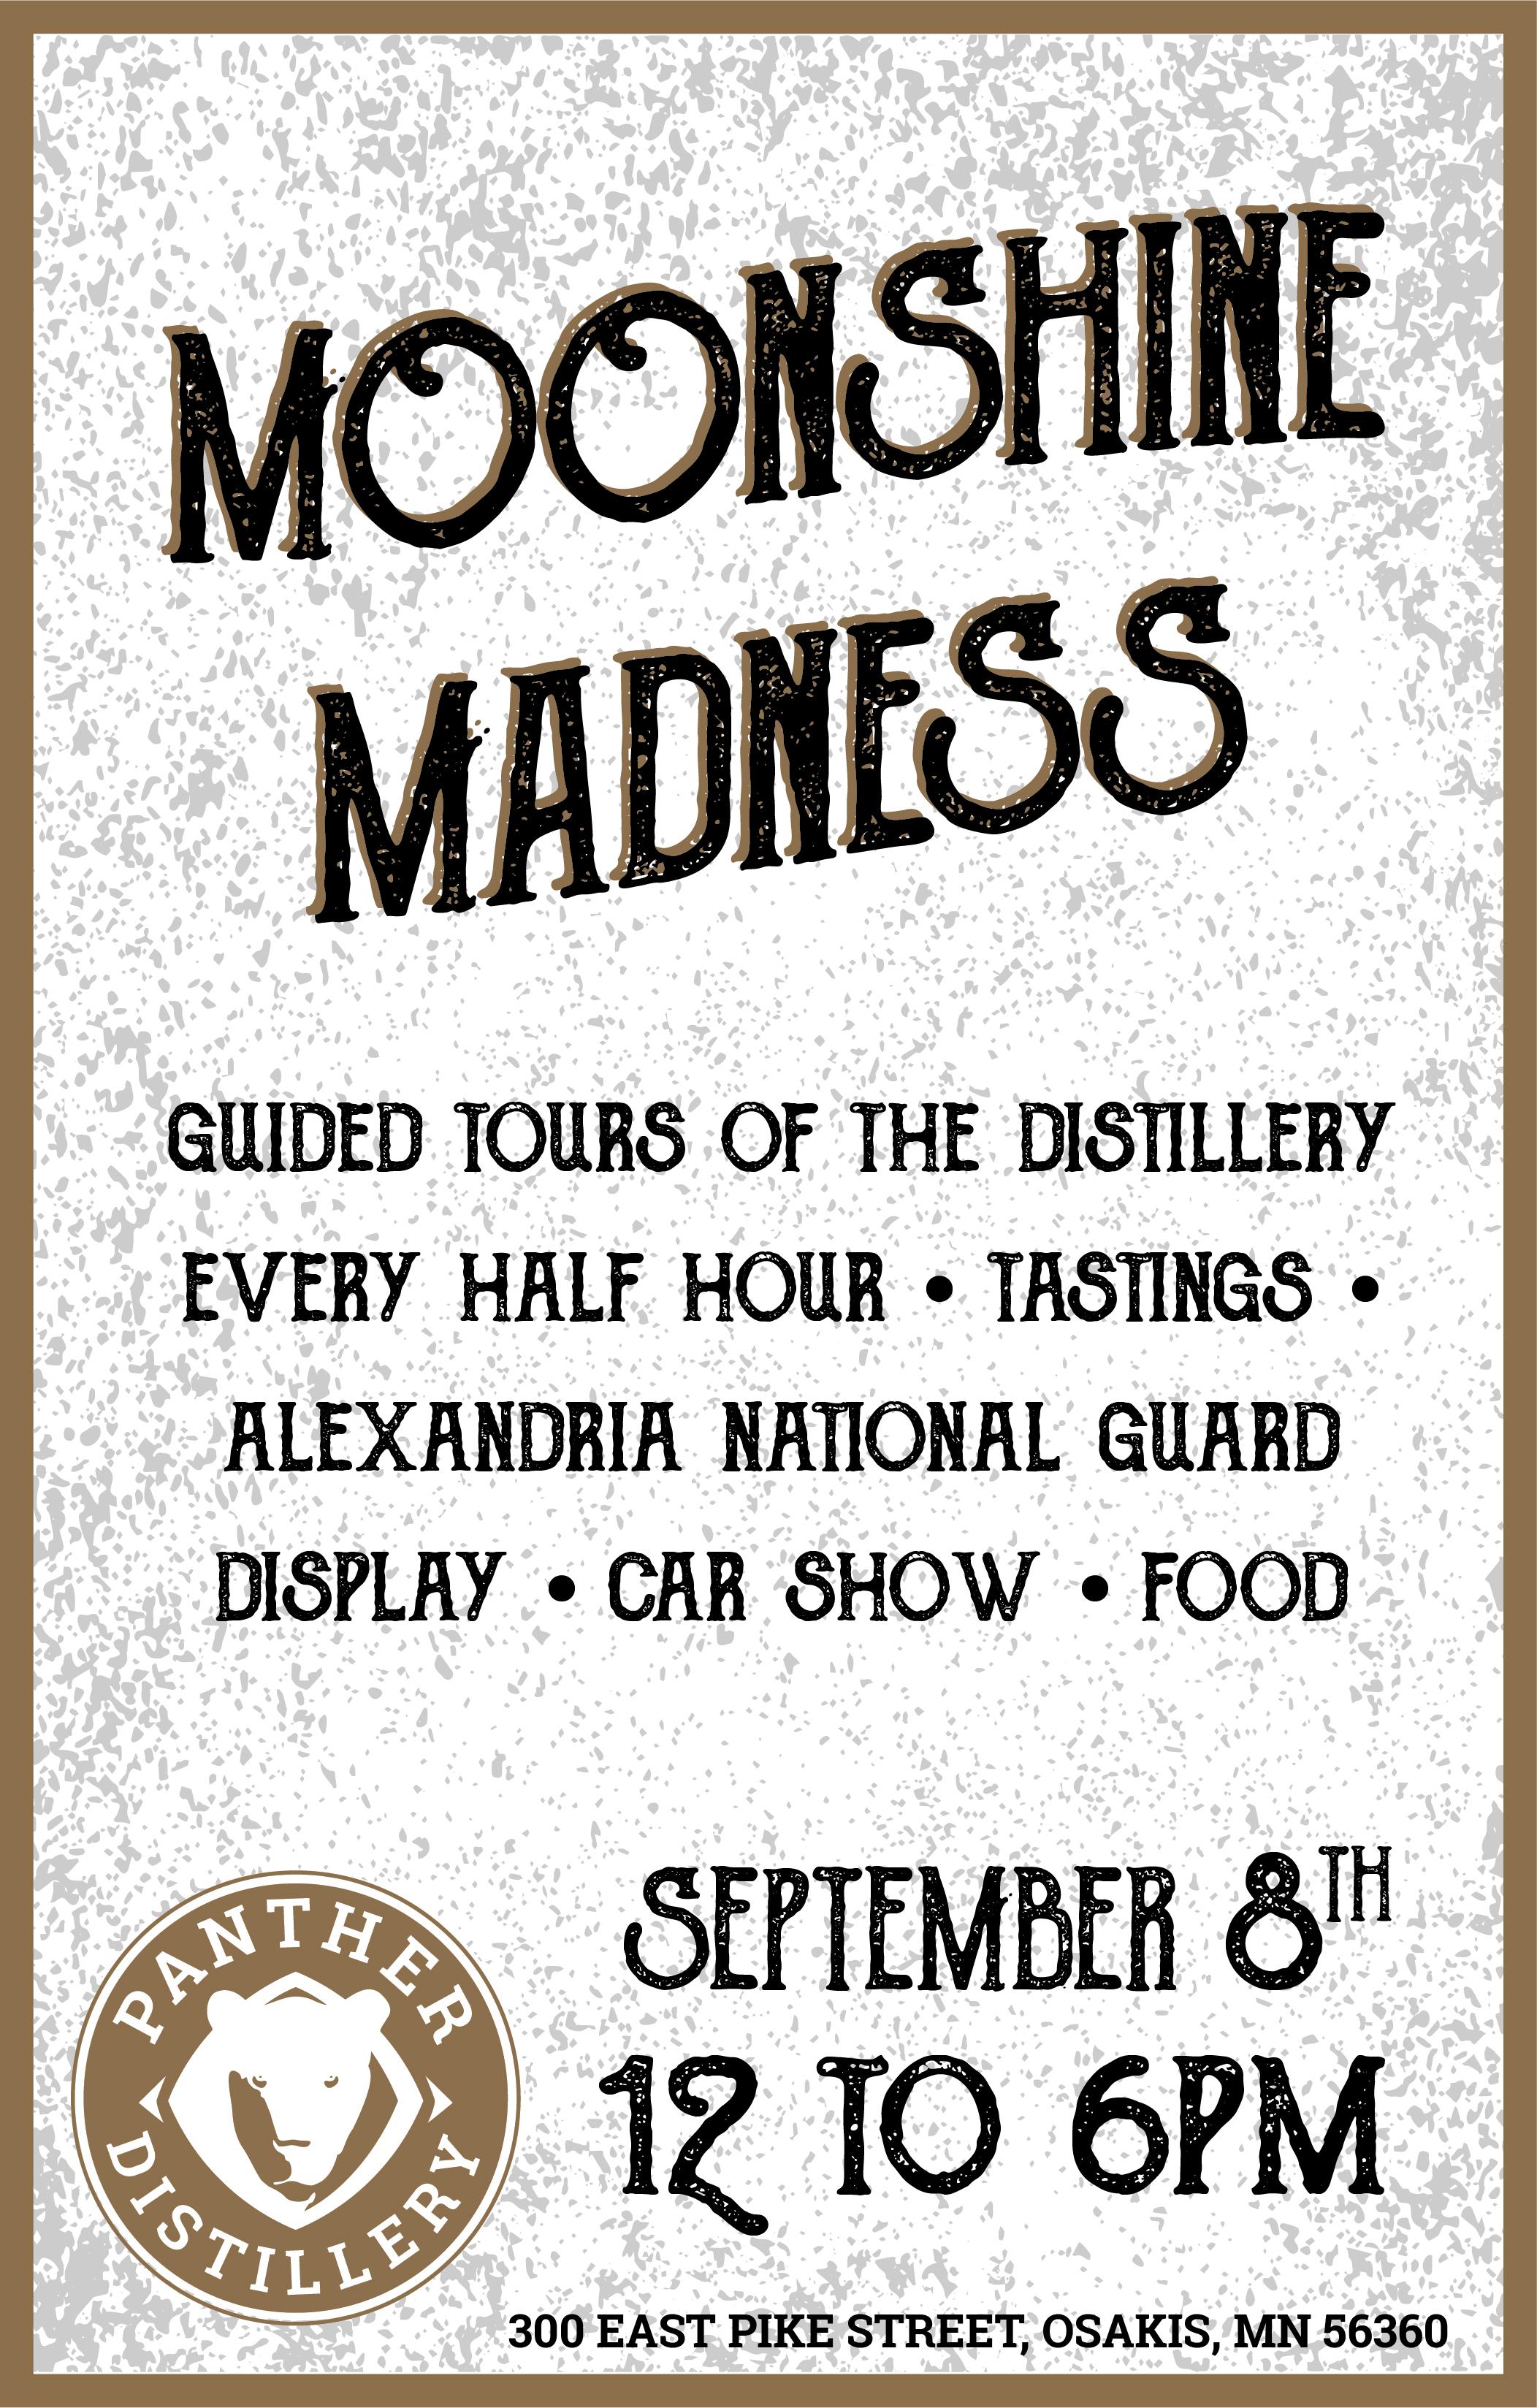 Moonshine Madness 2018 v2.jpg